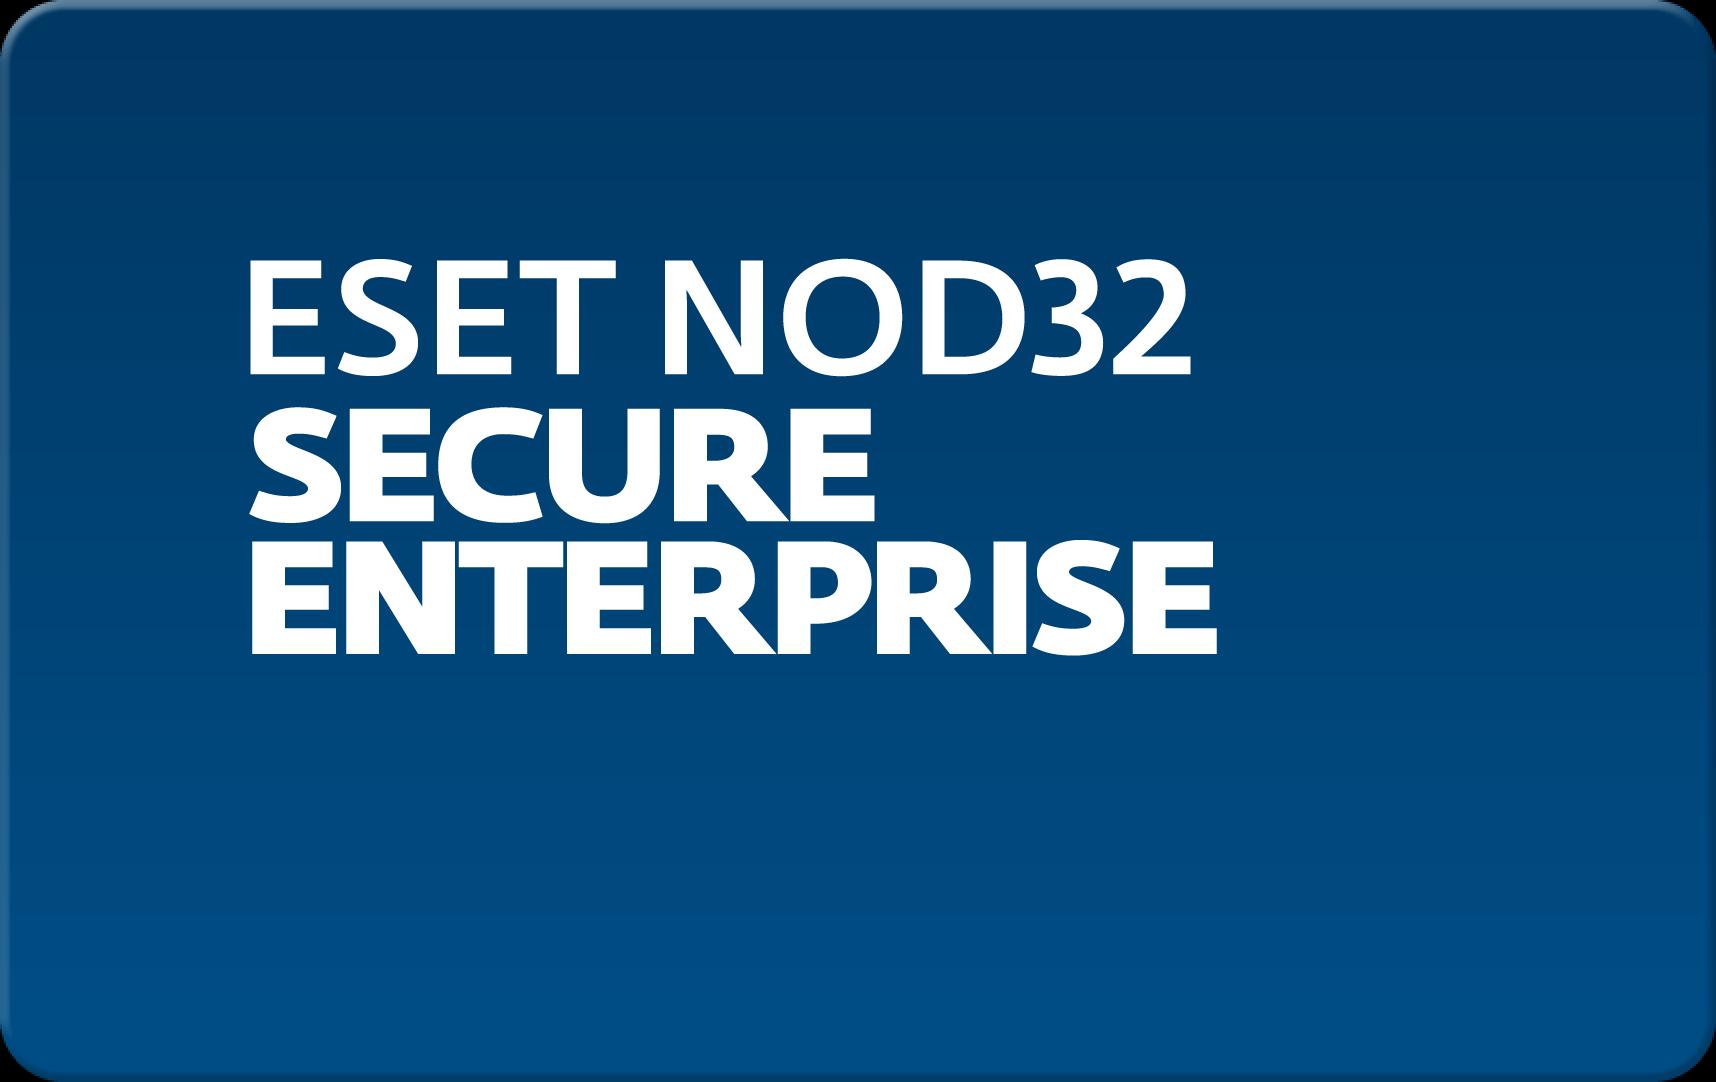 Кроссплатформенная антивирусная защита всех узлов корпоративной сети Eset NOD32 Secure Enterprise  для 61 пользователей